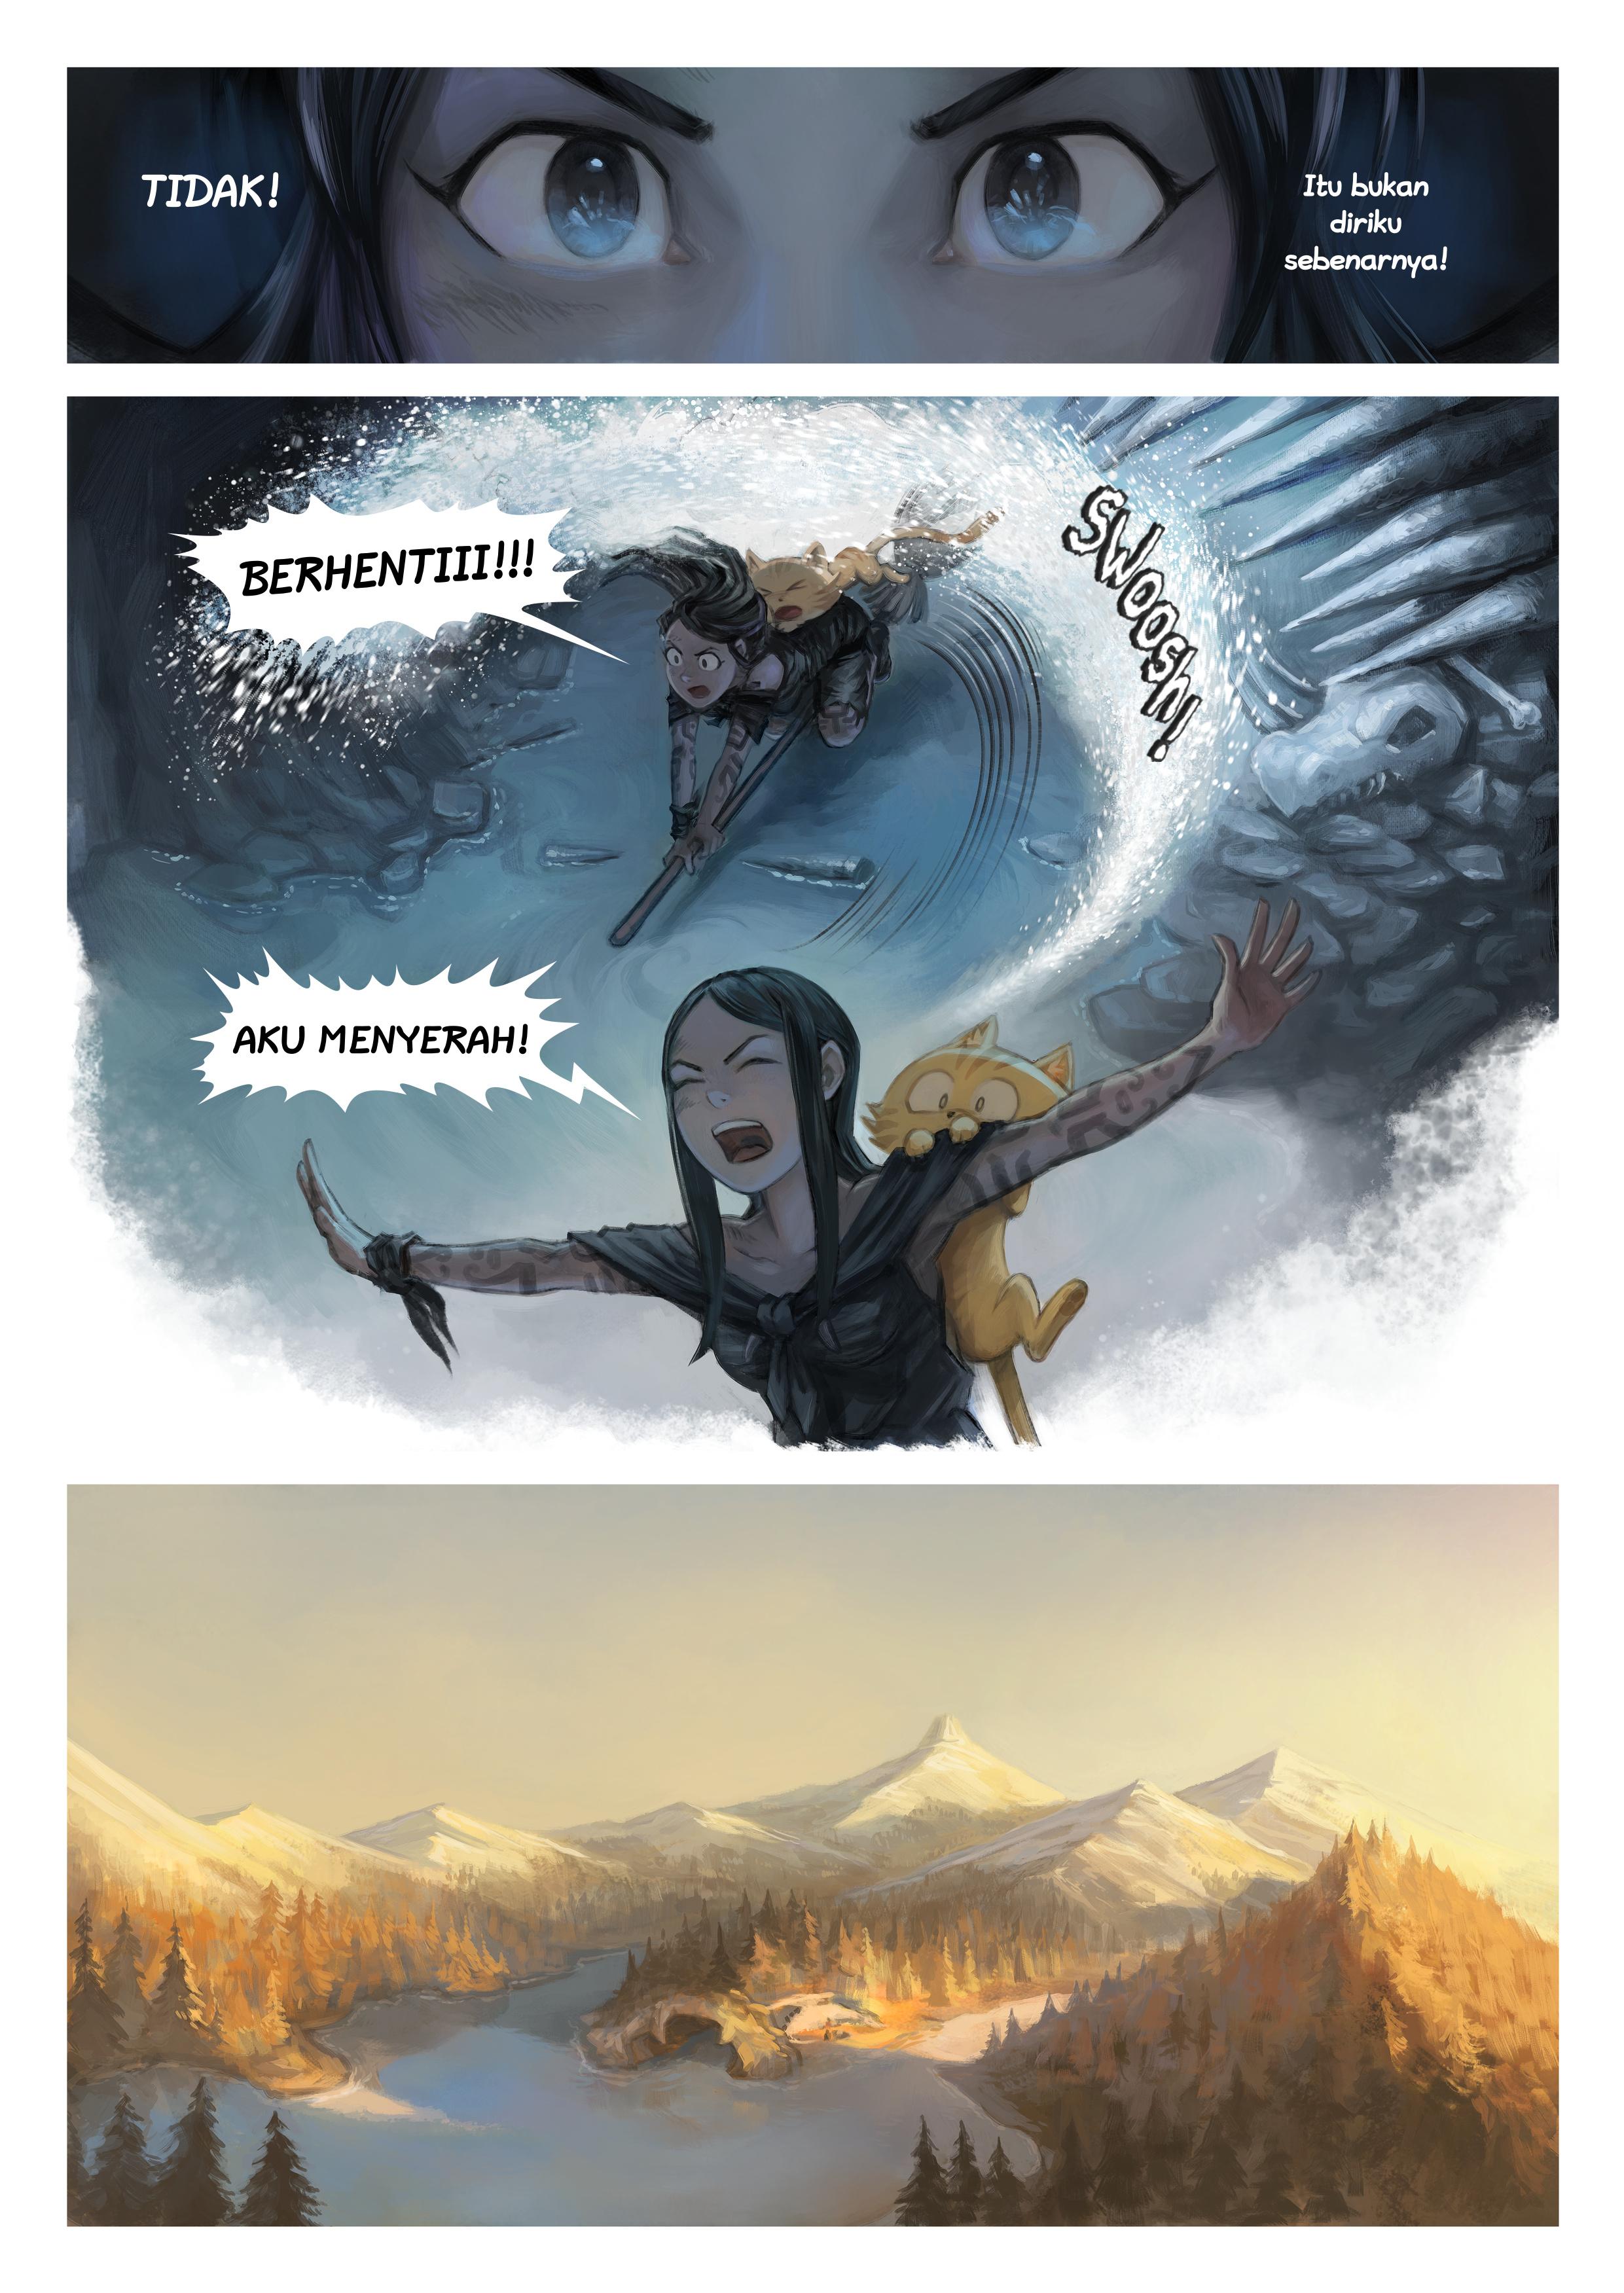 Episode 35: Refleksi, Page 9